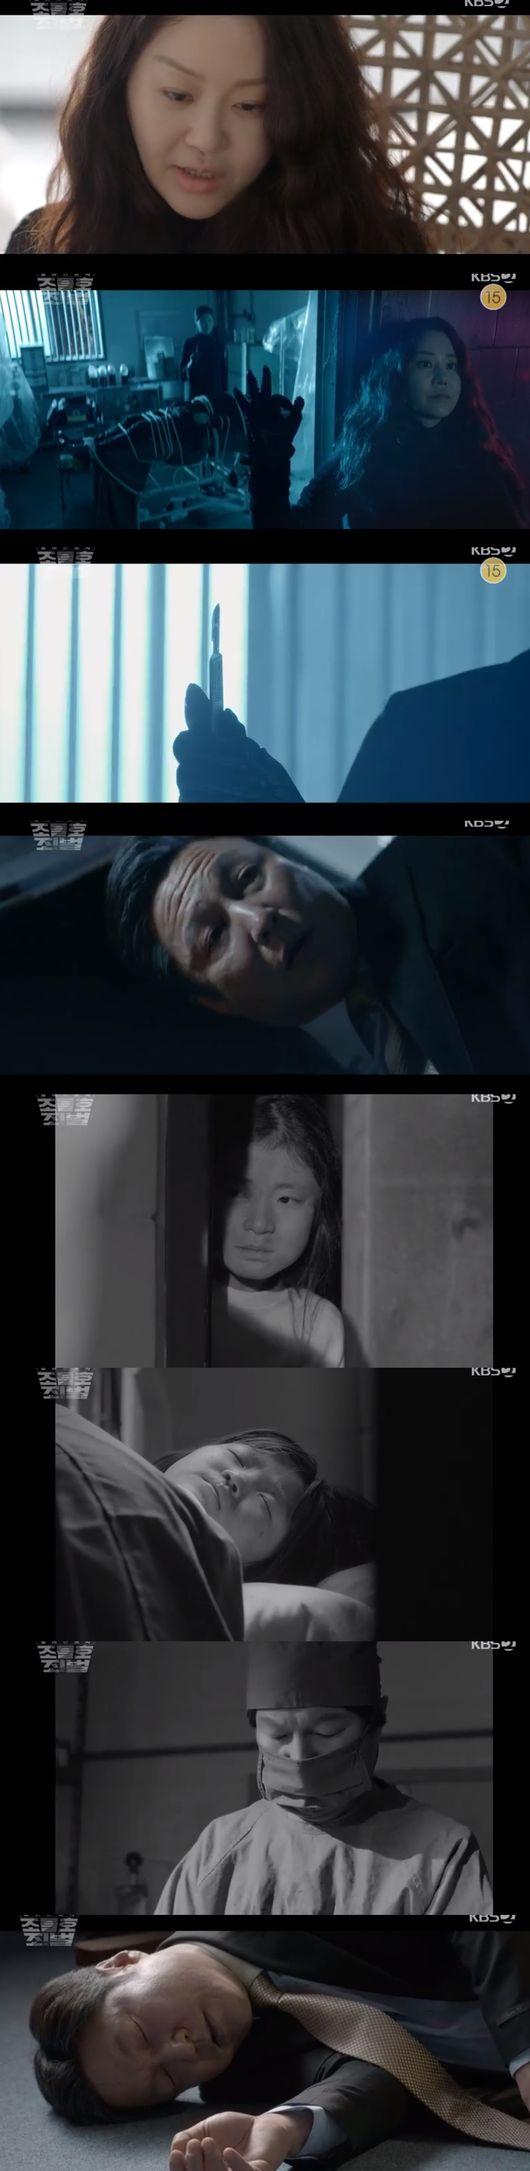 조들호2 고현정, 살인동기는 여동생? 대산복지원 장기적출 의사 살해[종합]